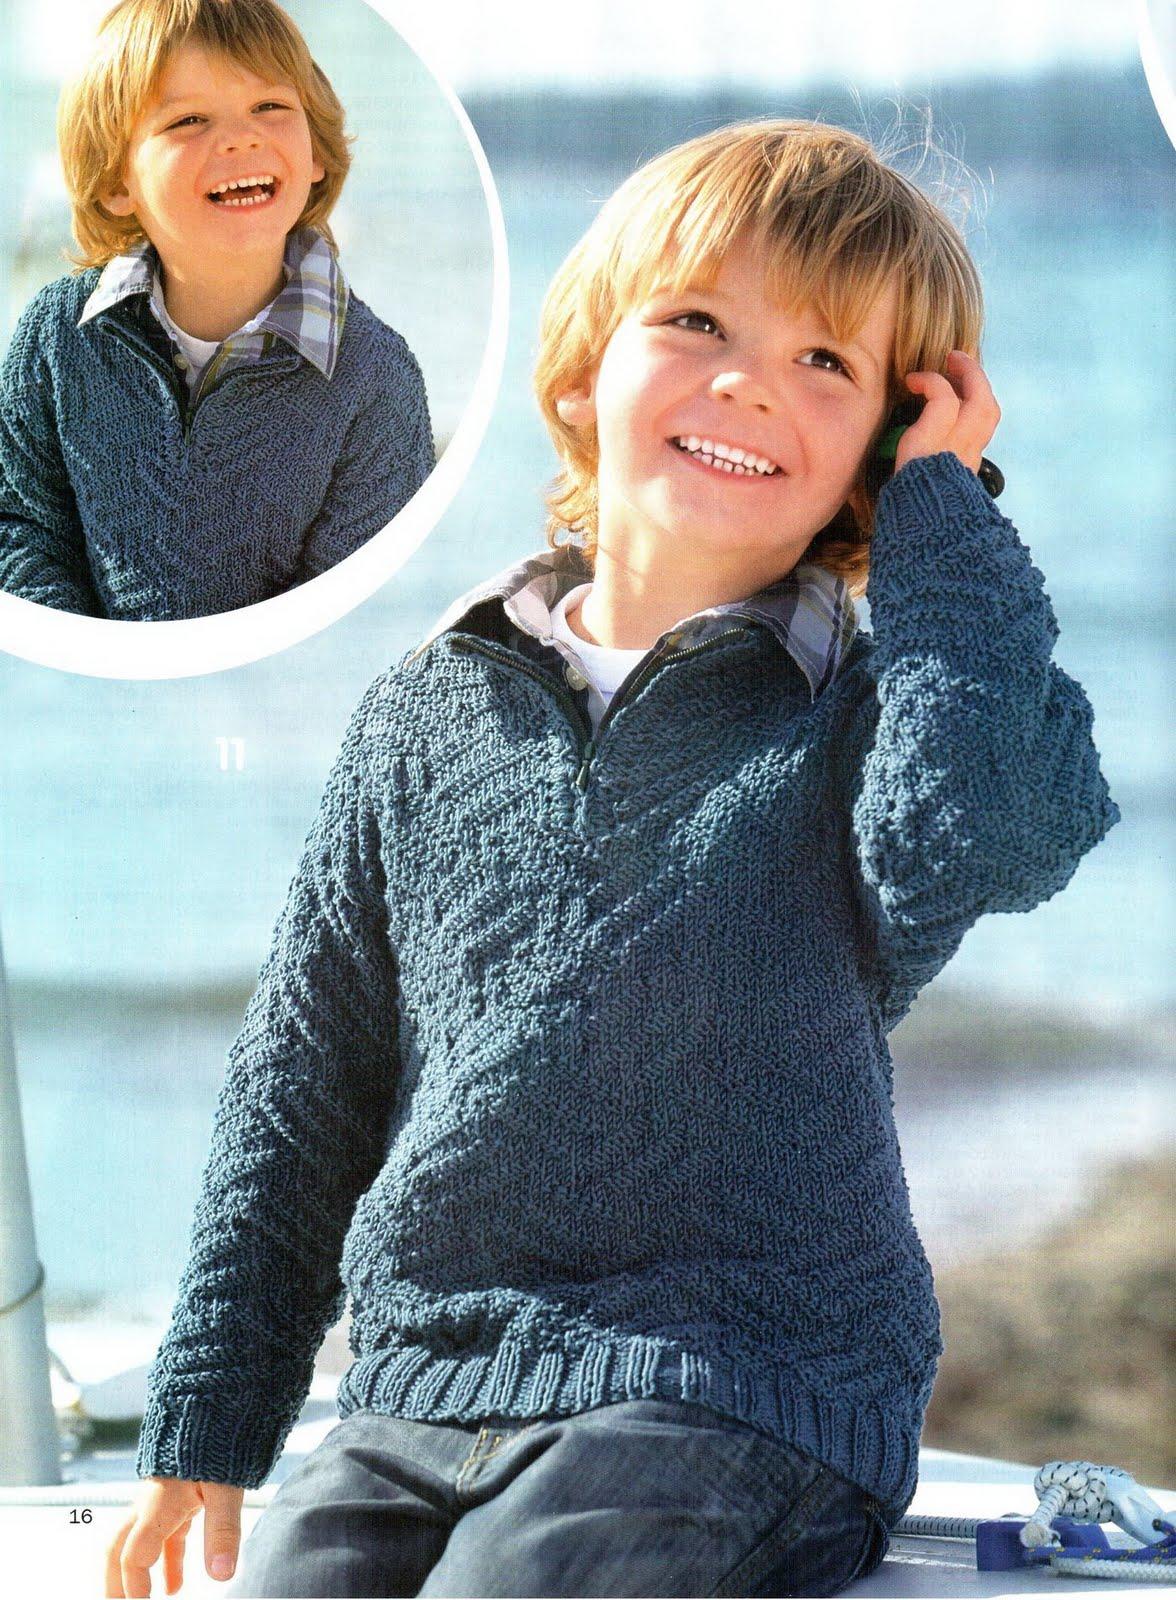 Дата.  10.04.2013. 6. джемперы,свитера,пуловеры для мальчиков.  Пуловер с воротником поло для мальчика.